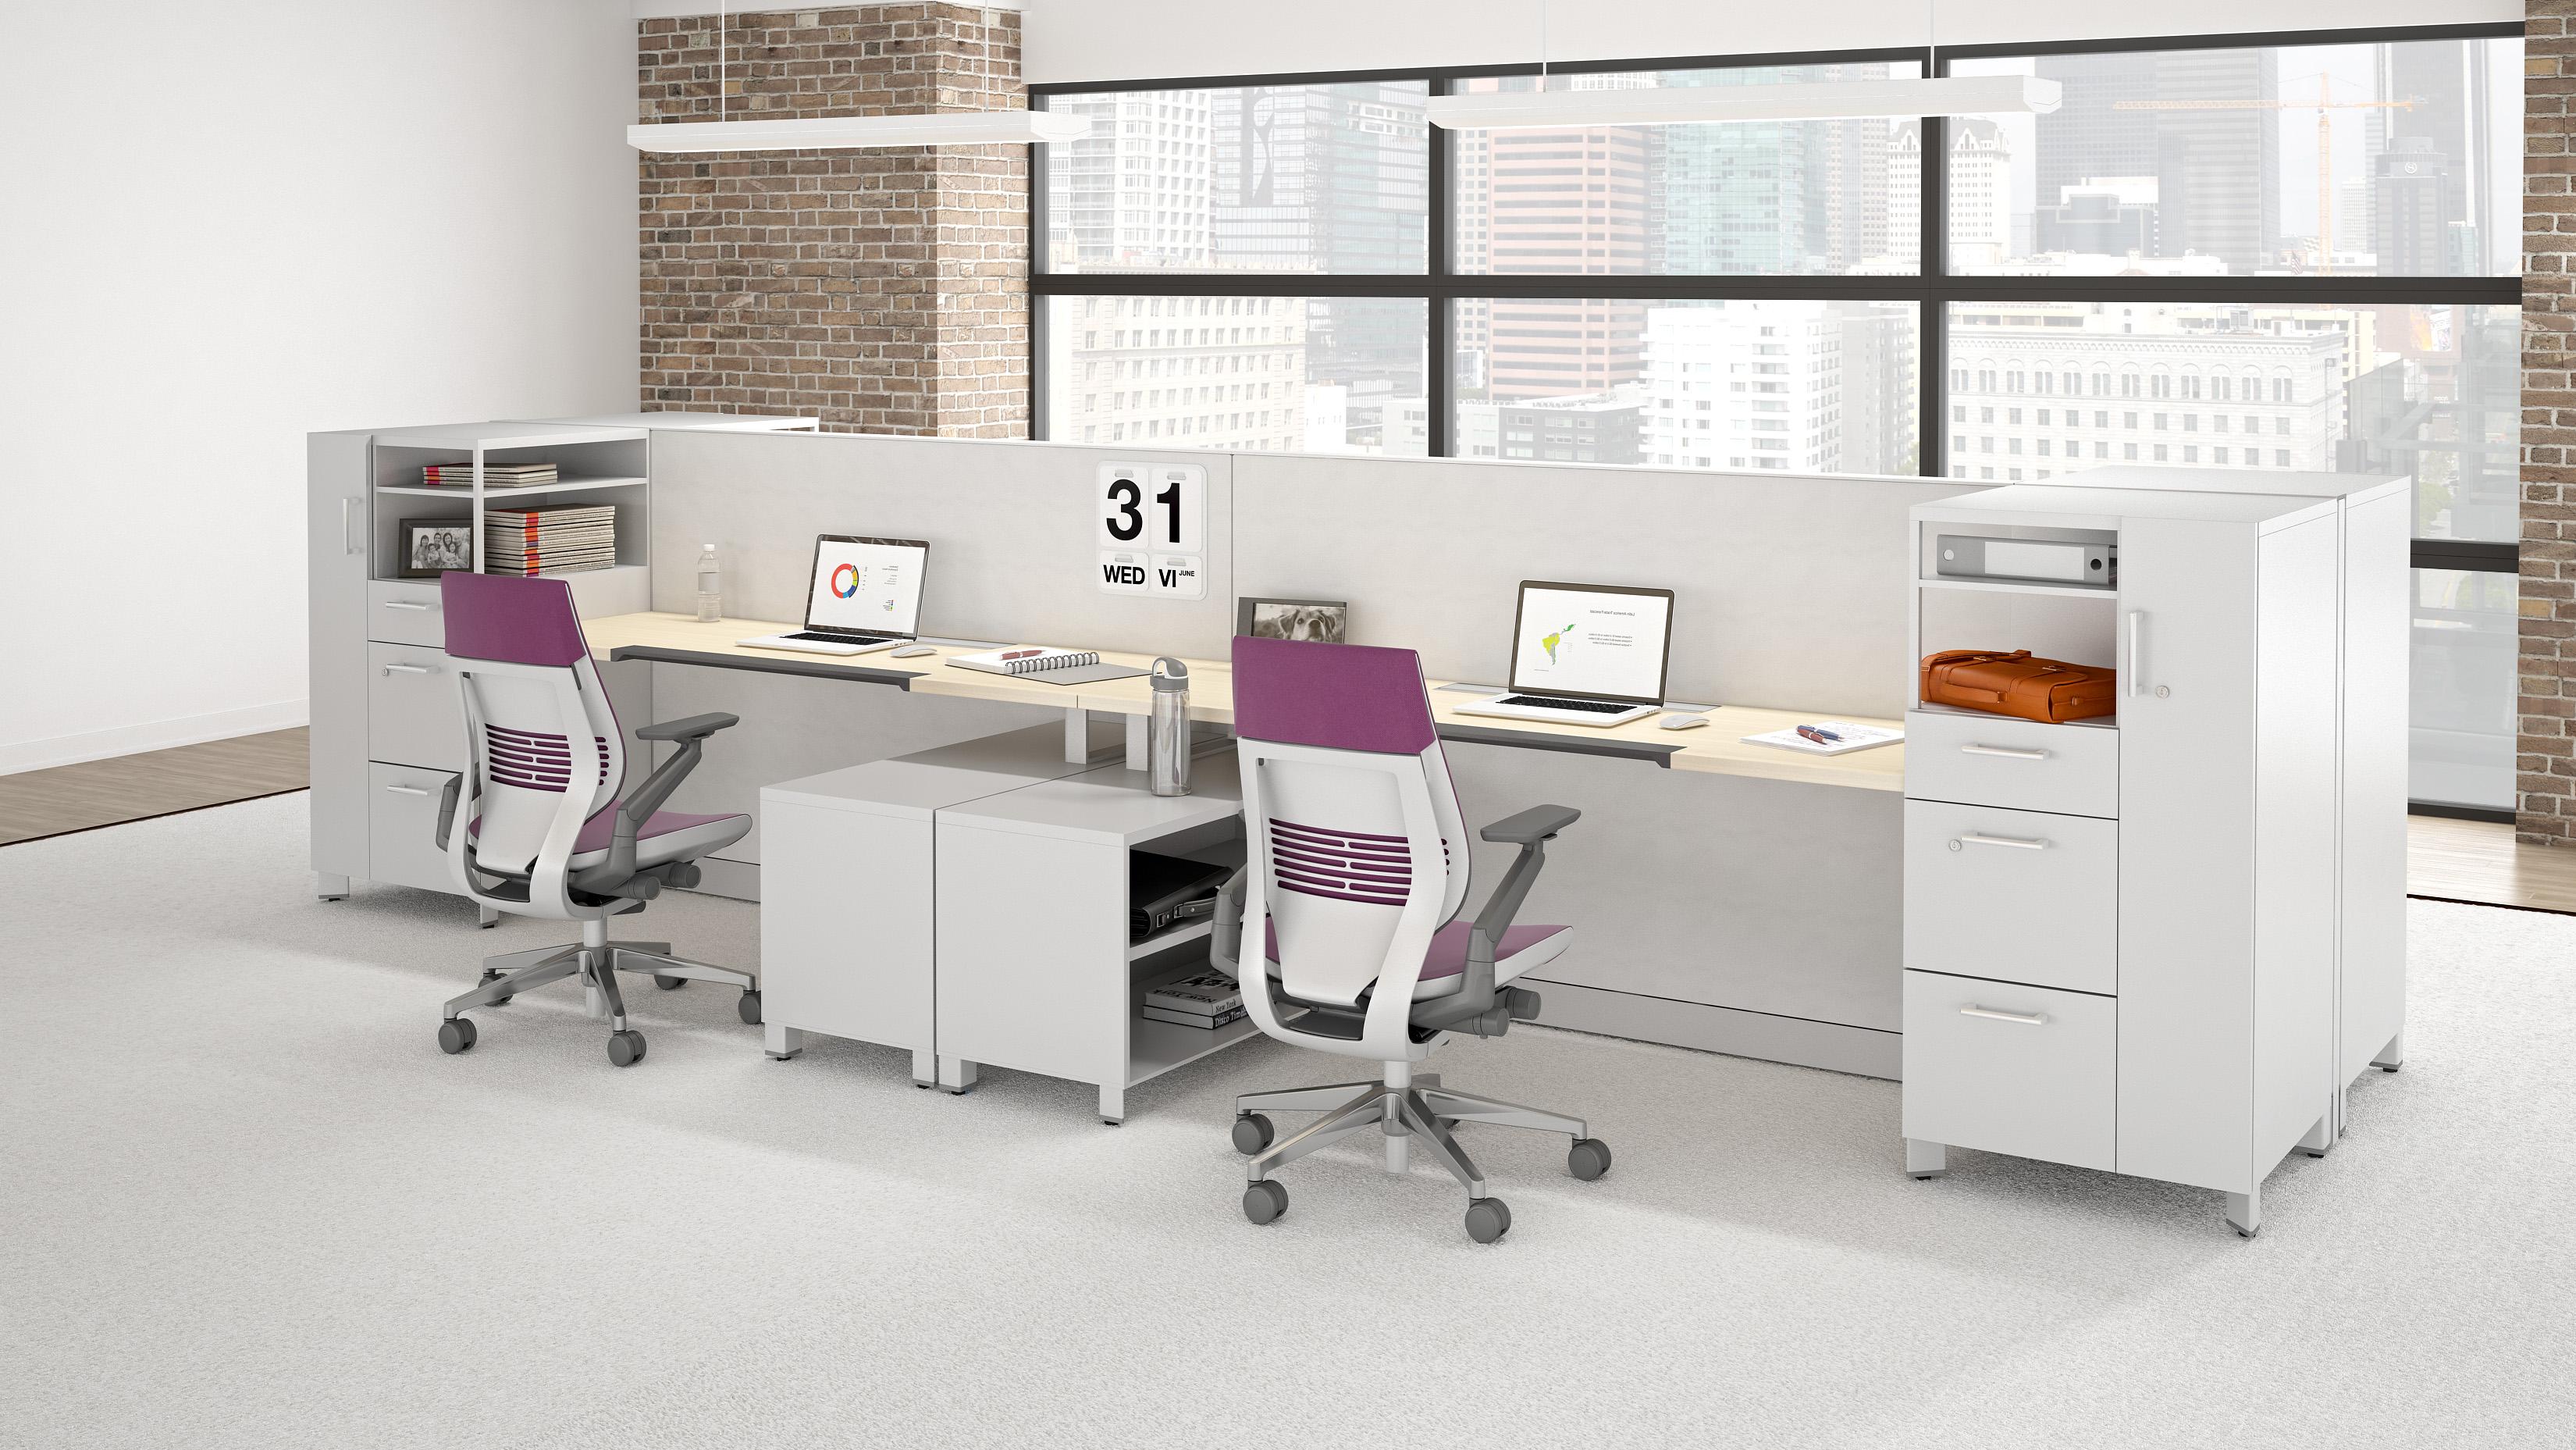 Furniture design research paper